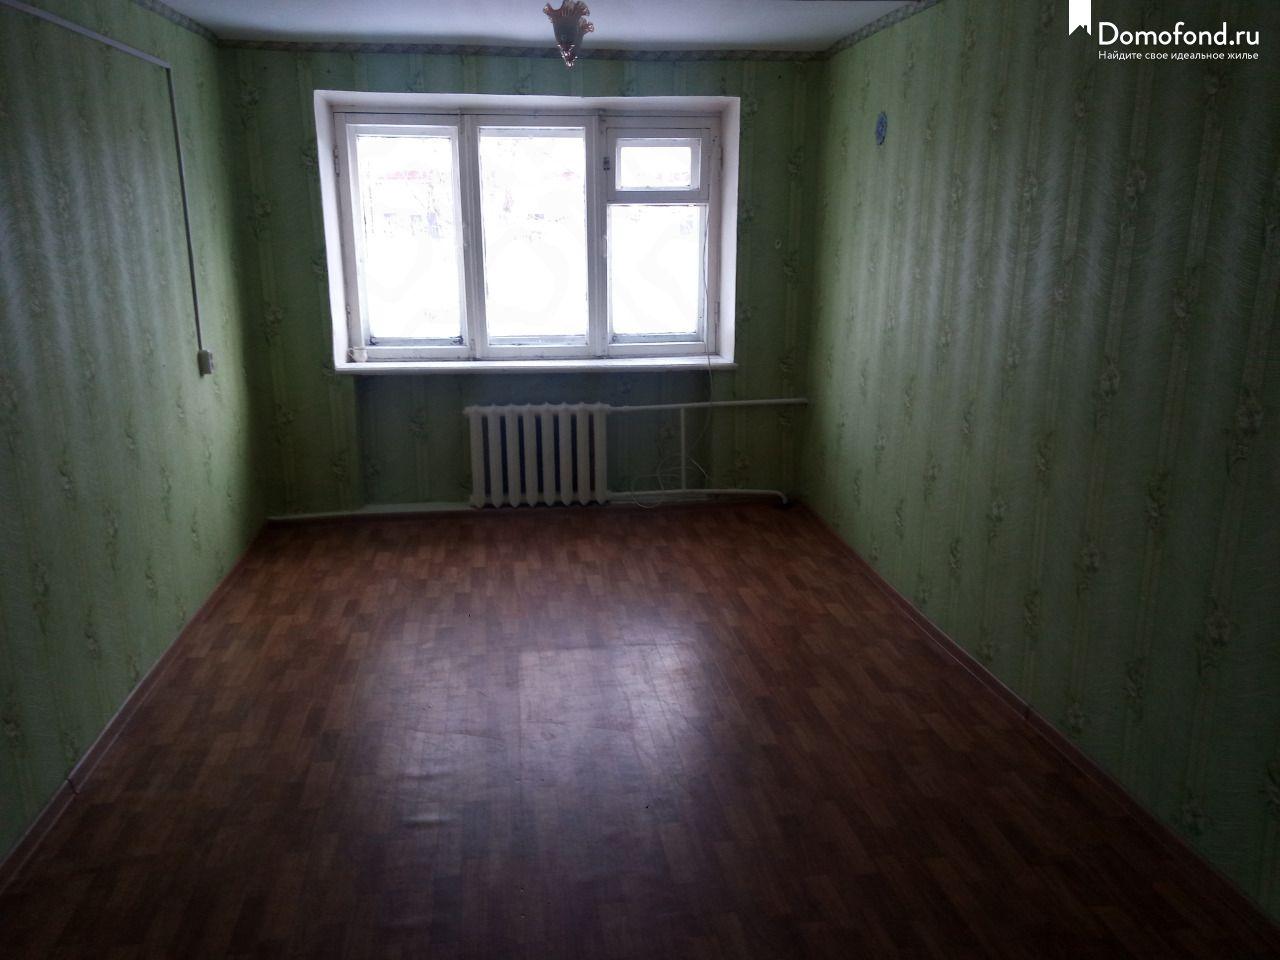 Новочеркасск квартиры посуточно фото отдых италию